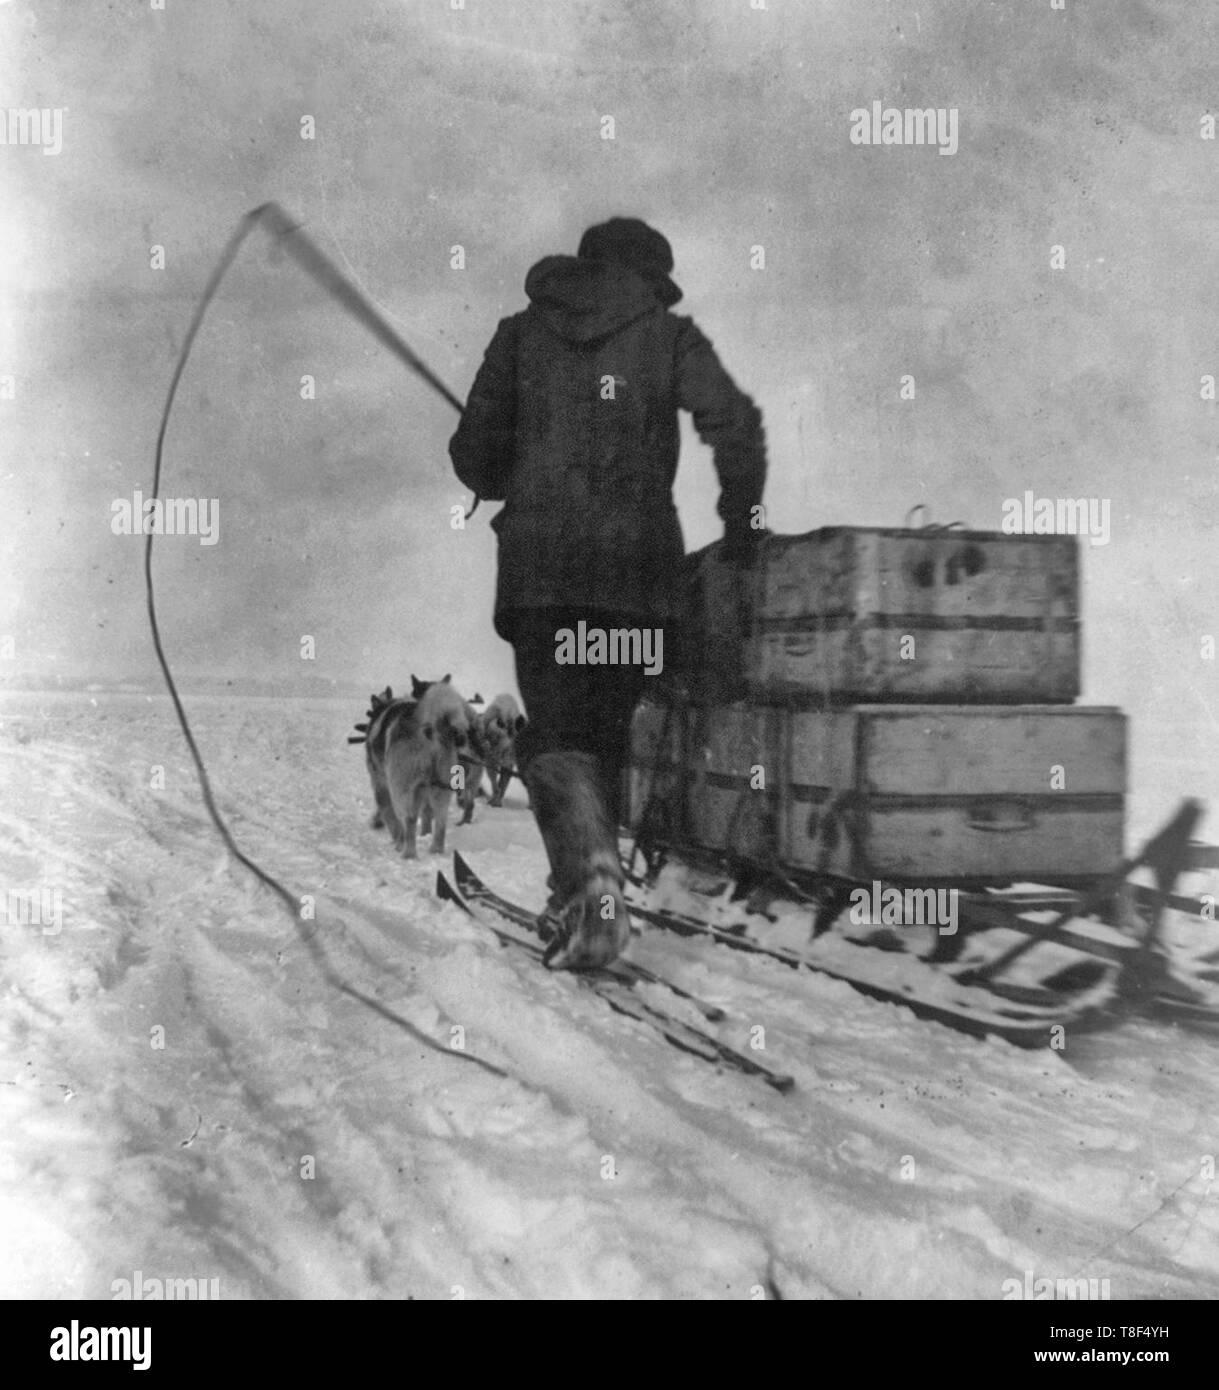 Sur la route du pôle. Une belle photo de l'un des traîneaux étant attiré par son équipe de chiens. L'expédition d'Amundsen, 1911 Banque D'Images